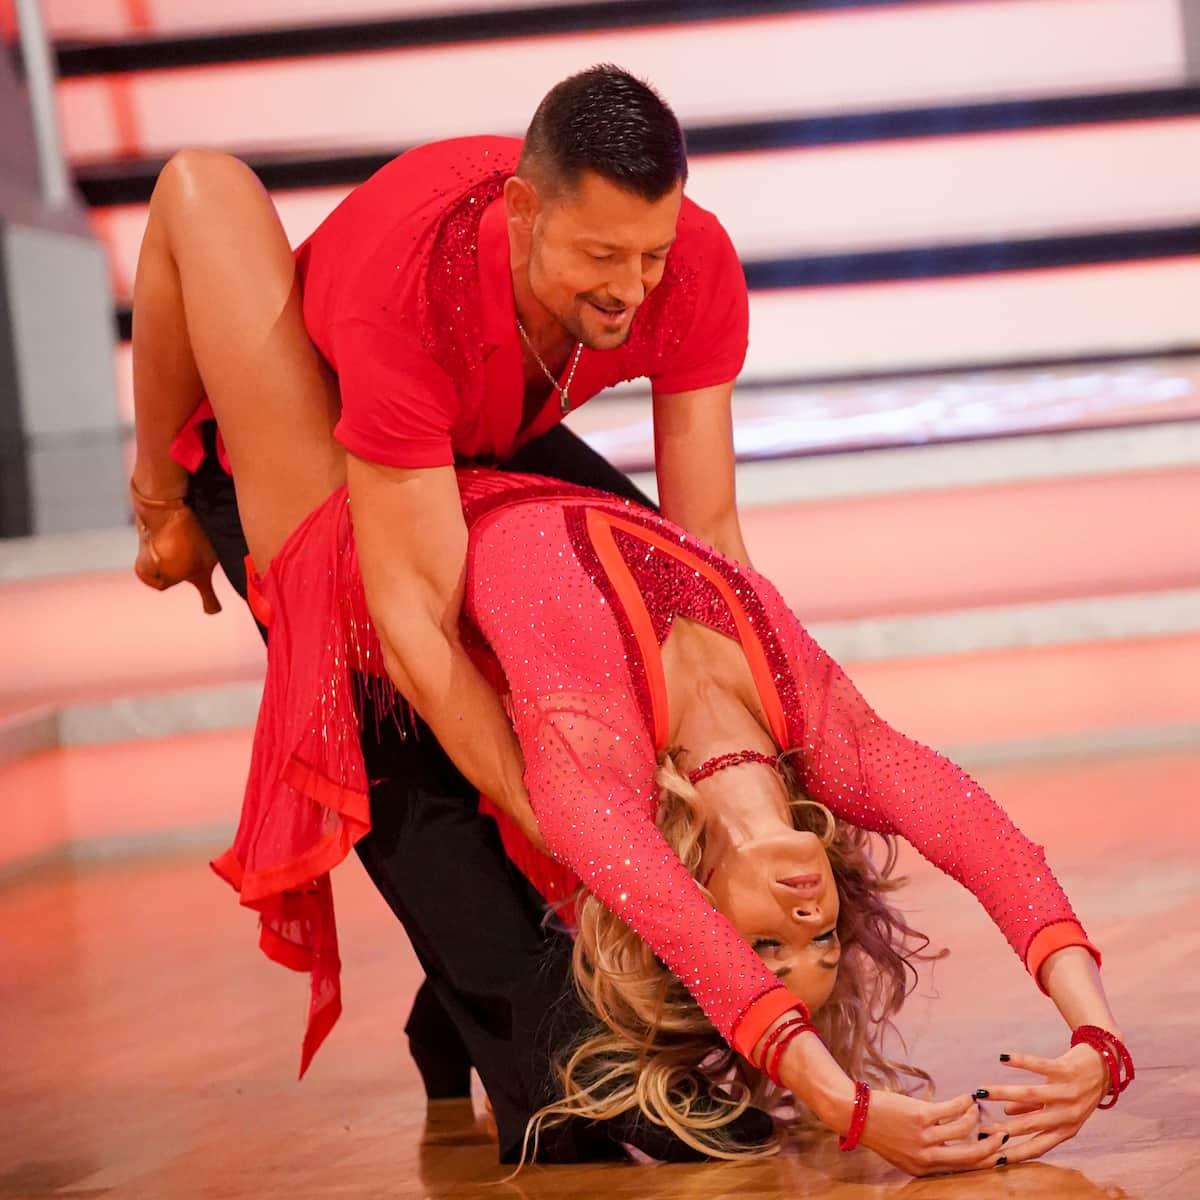 Florian Gschaider - Jasmin Ouschan bei den Dancing Stars am 8.10.2021